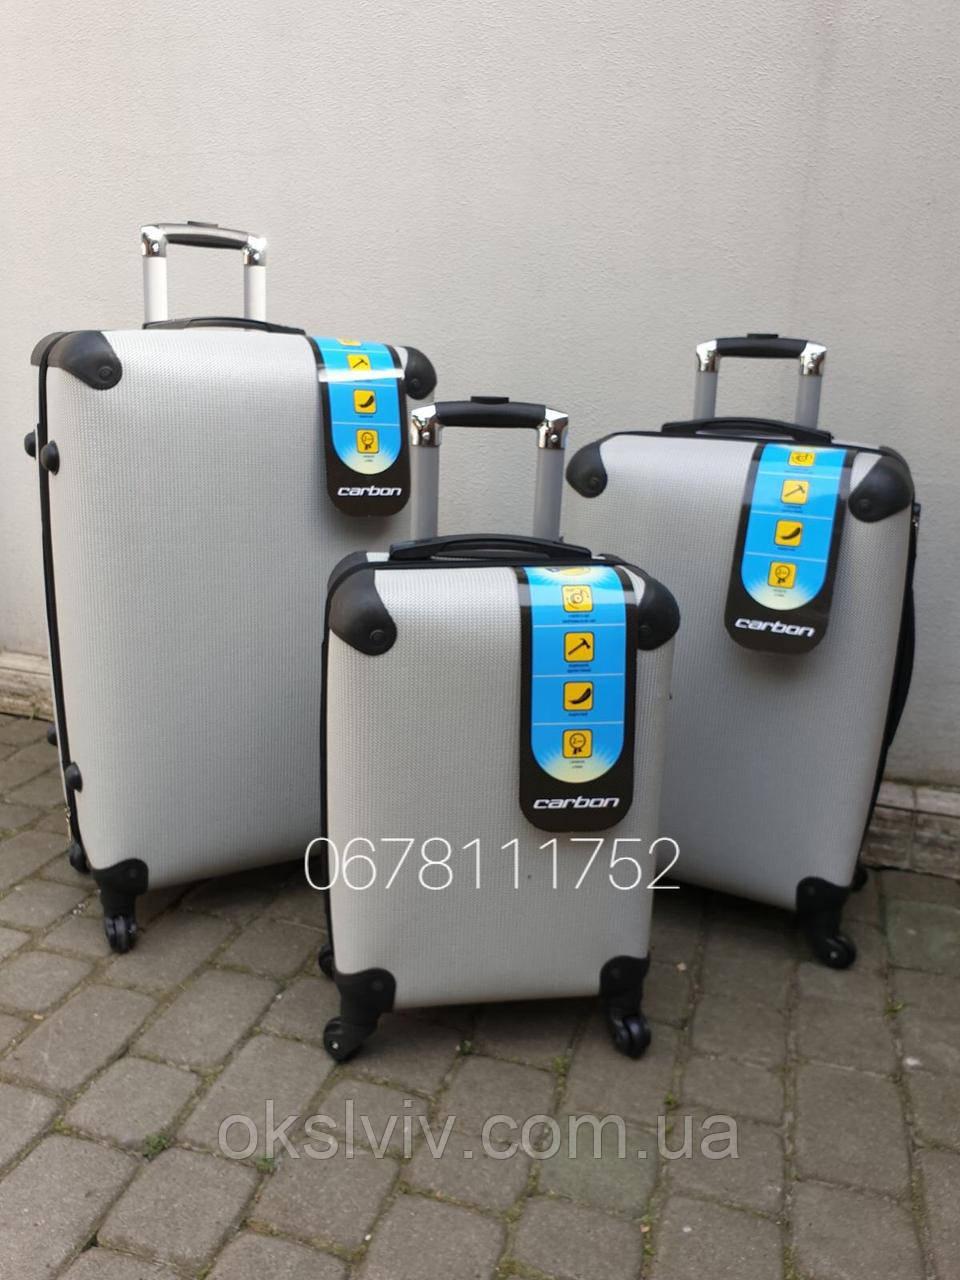 CARBON 320 Німеччина валізи валізи, сумки на колесах